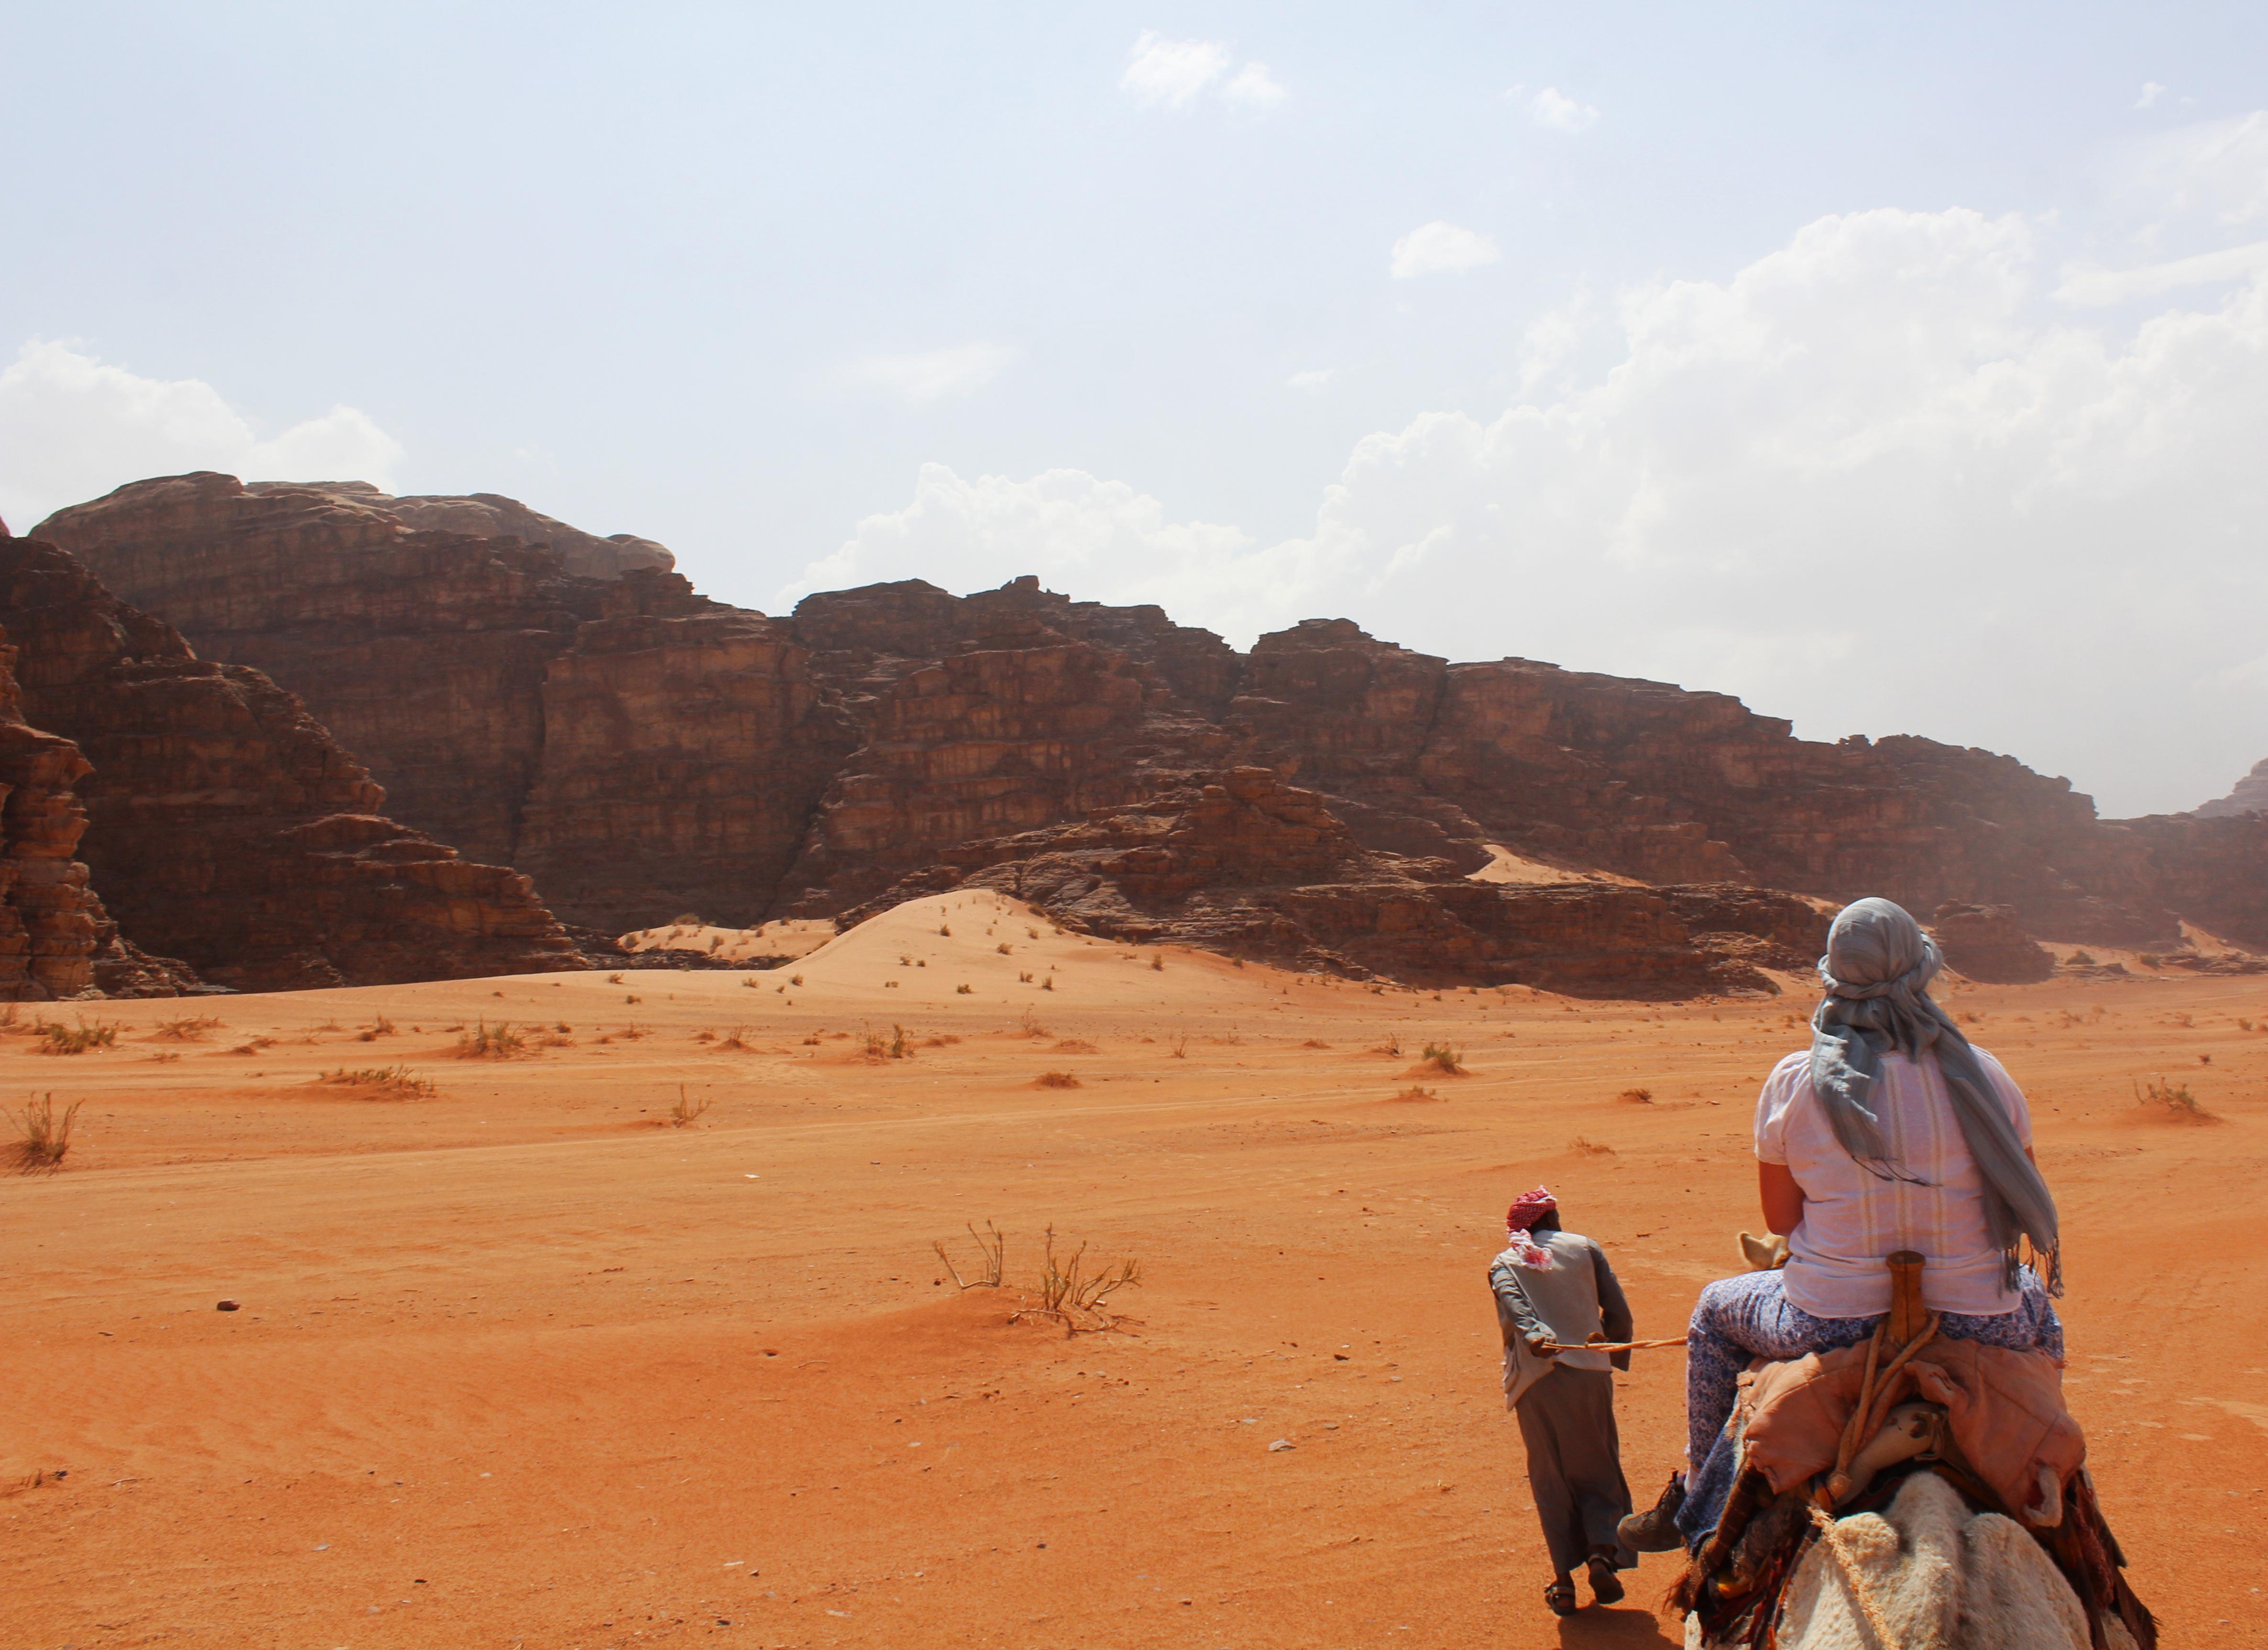 Camel_Wadi_Rum2